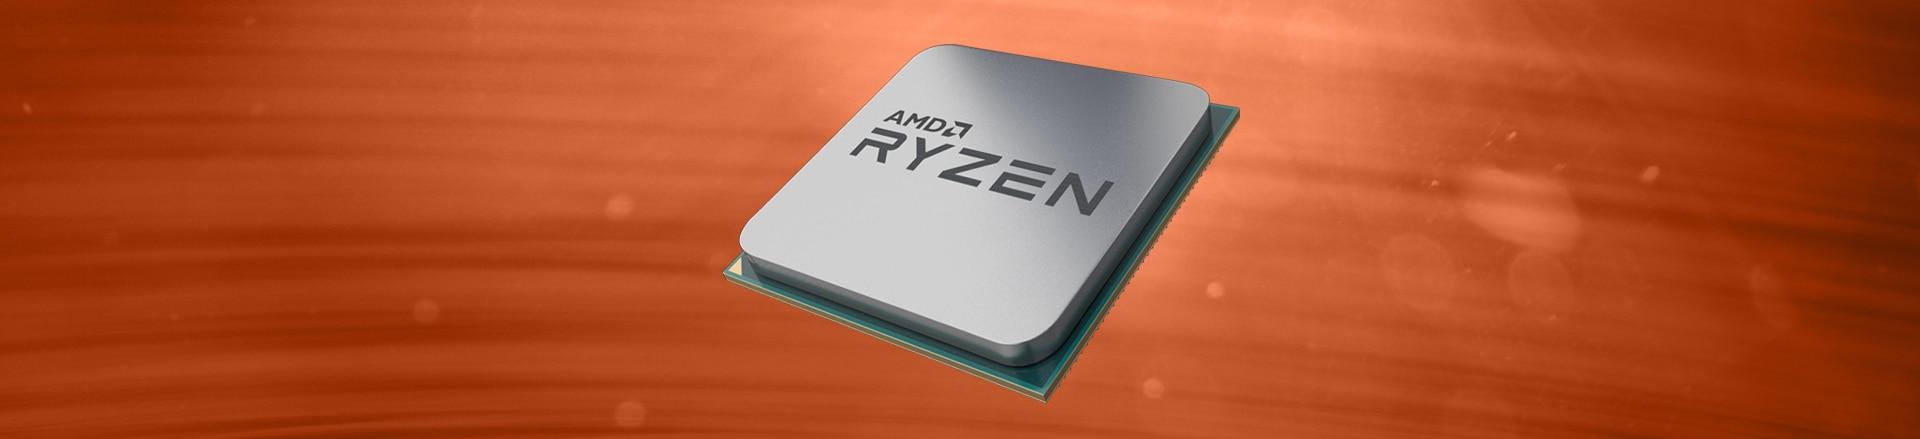 AMD Ryzen™ 5 3600X Processor, 3 8GHz w/ 35MB Cache - AMD AM4 CPUs